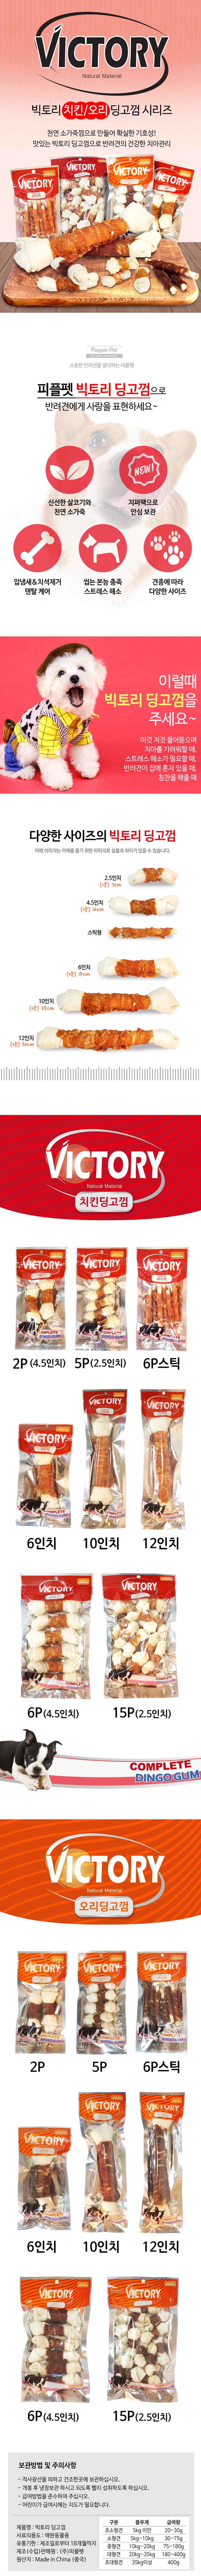 딩고껌 (오리-6p) 4.5인치 - 천연 소가죽 - 더 케이 펫, 6,950원, 간식/영양제, 수제간식